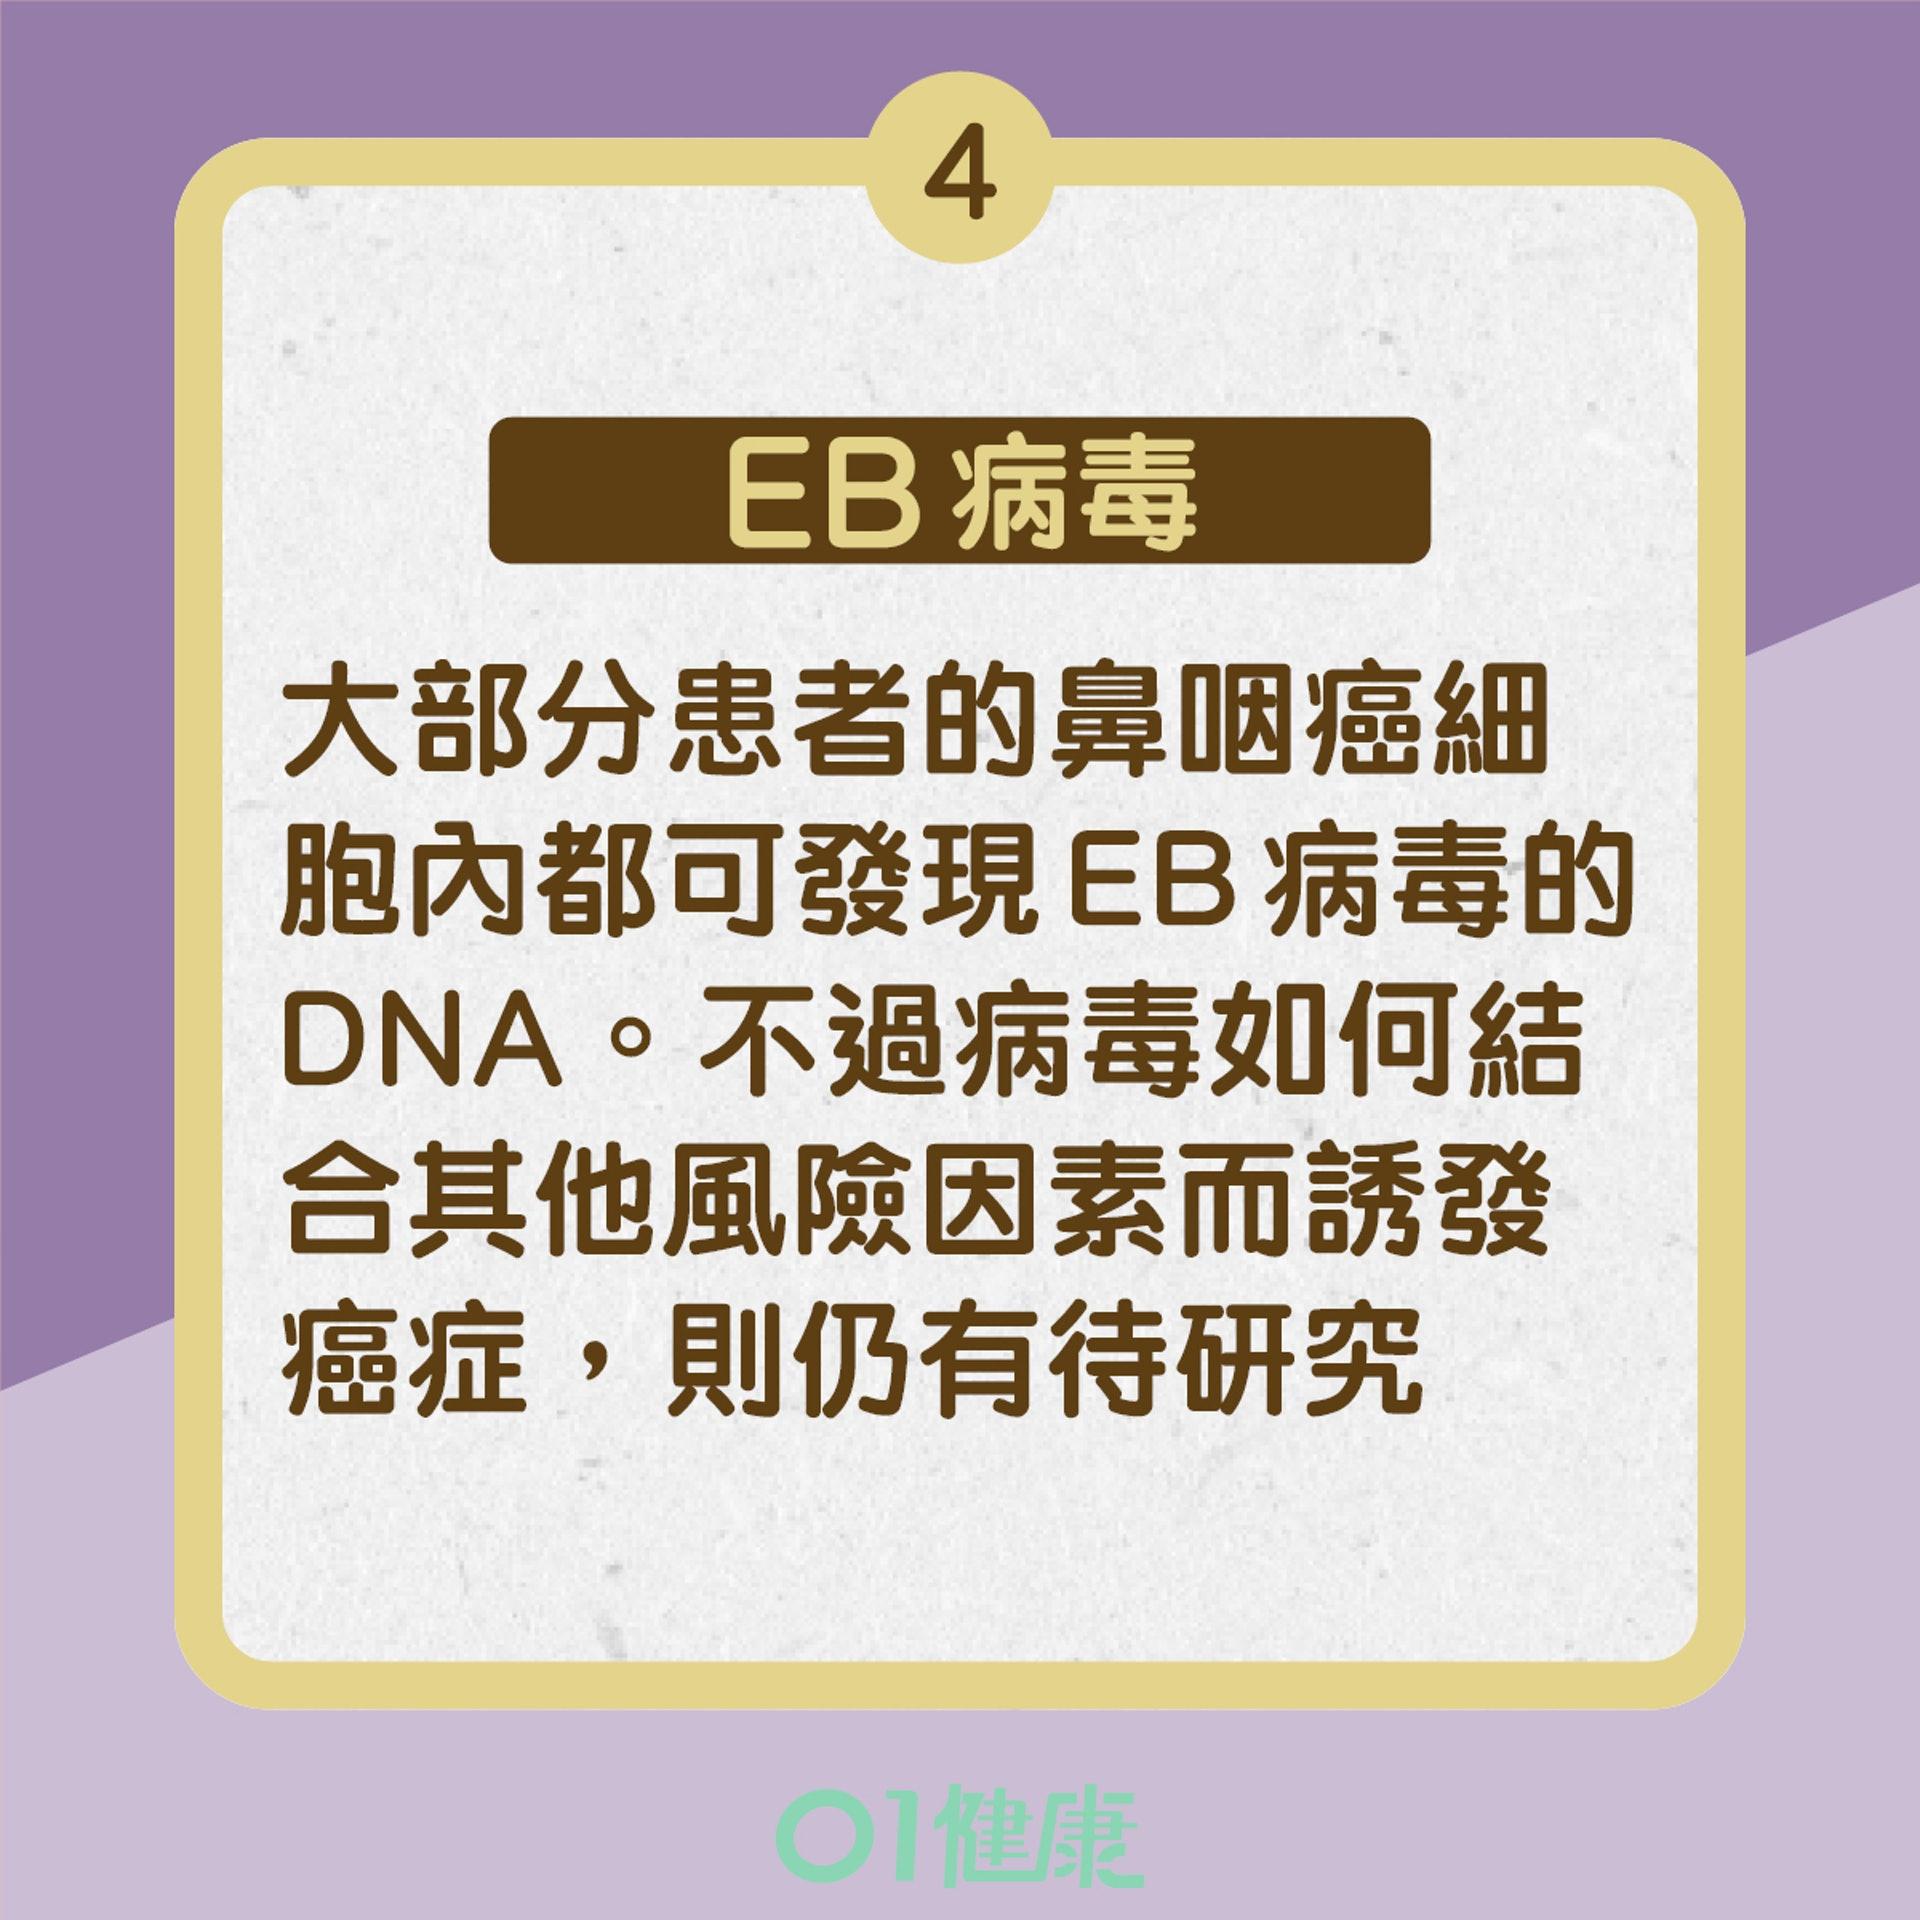 鼻咽癌4大成因(01製圖)